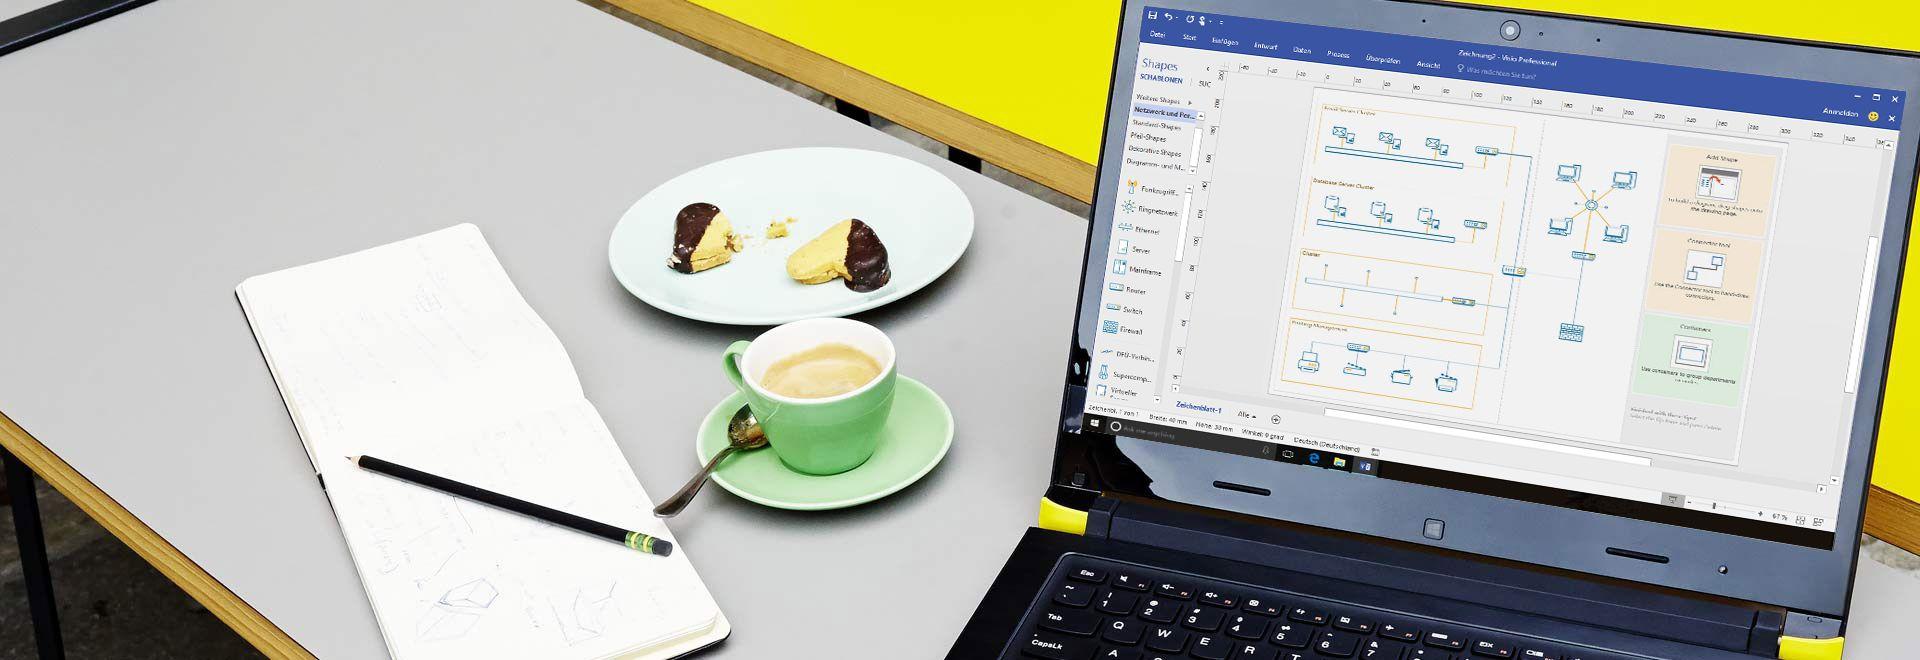 Nahaufnahme eines Laptops auf einem Tisch, Visio-Diagramm mit Menüband und Bearbeitungsbereich